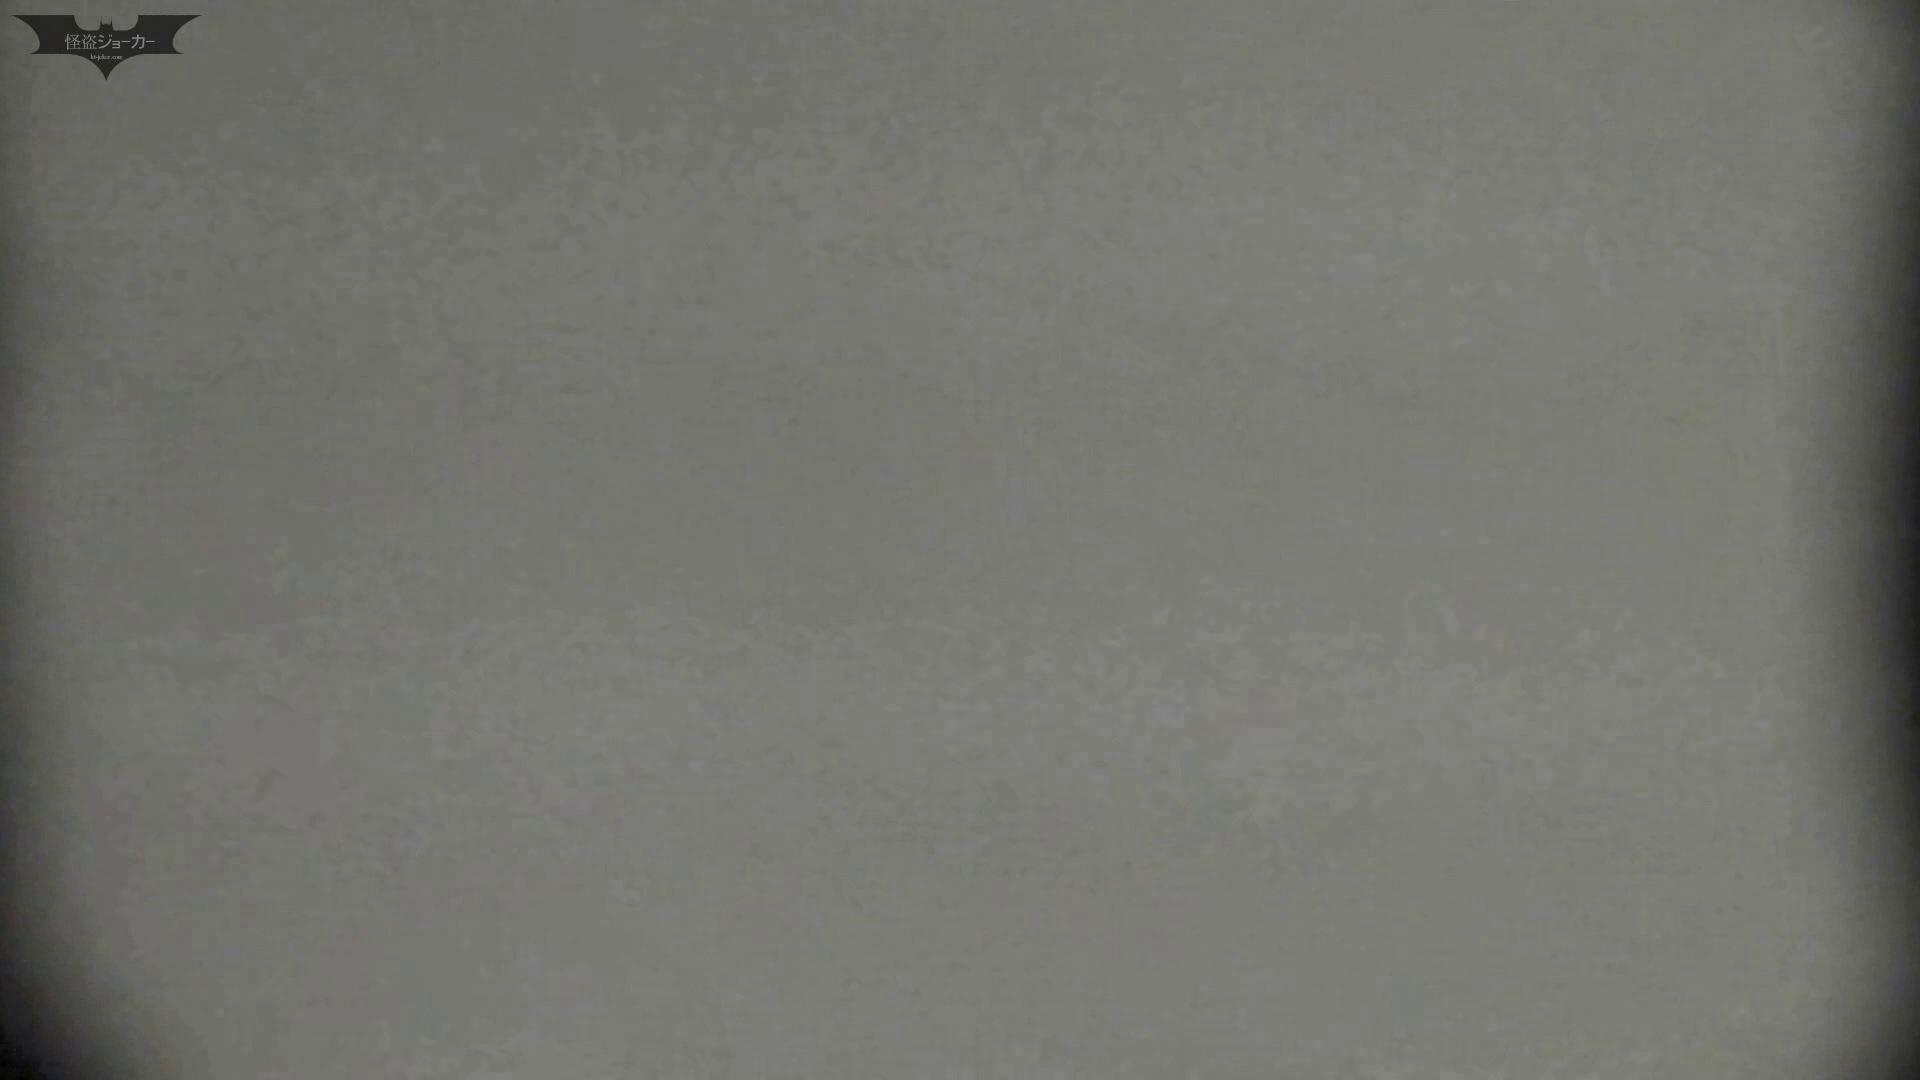 洗面所特攻隊 vol.66 珍事件発生!! 「指」で出【2015・05位】 洗面所着替え | OL  30連発 3